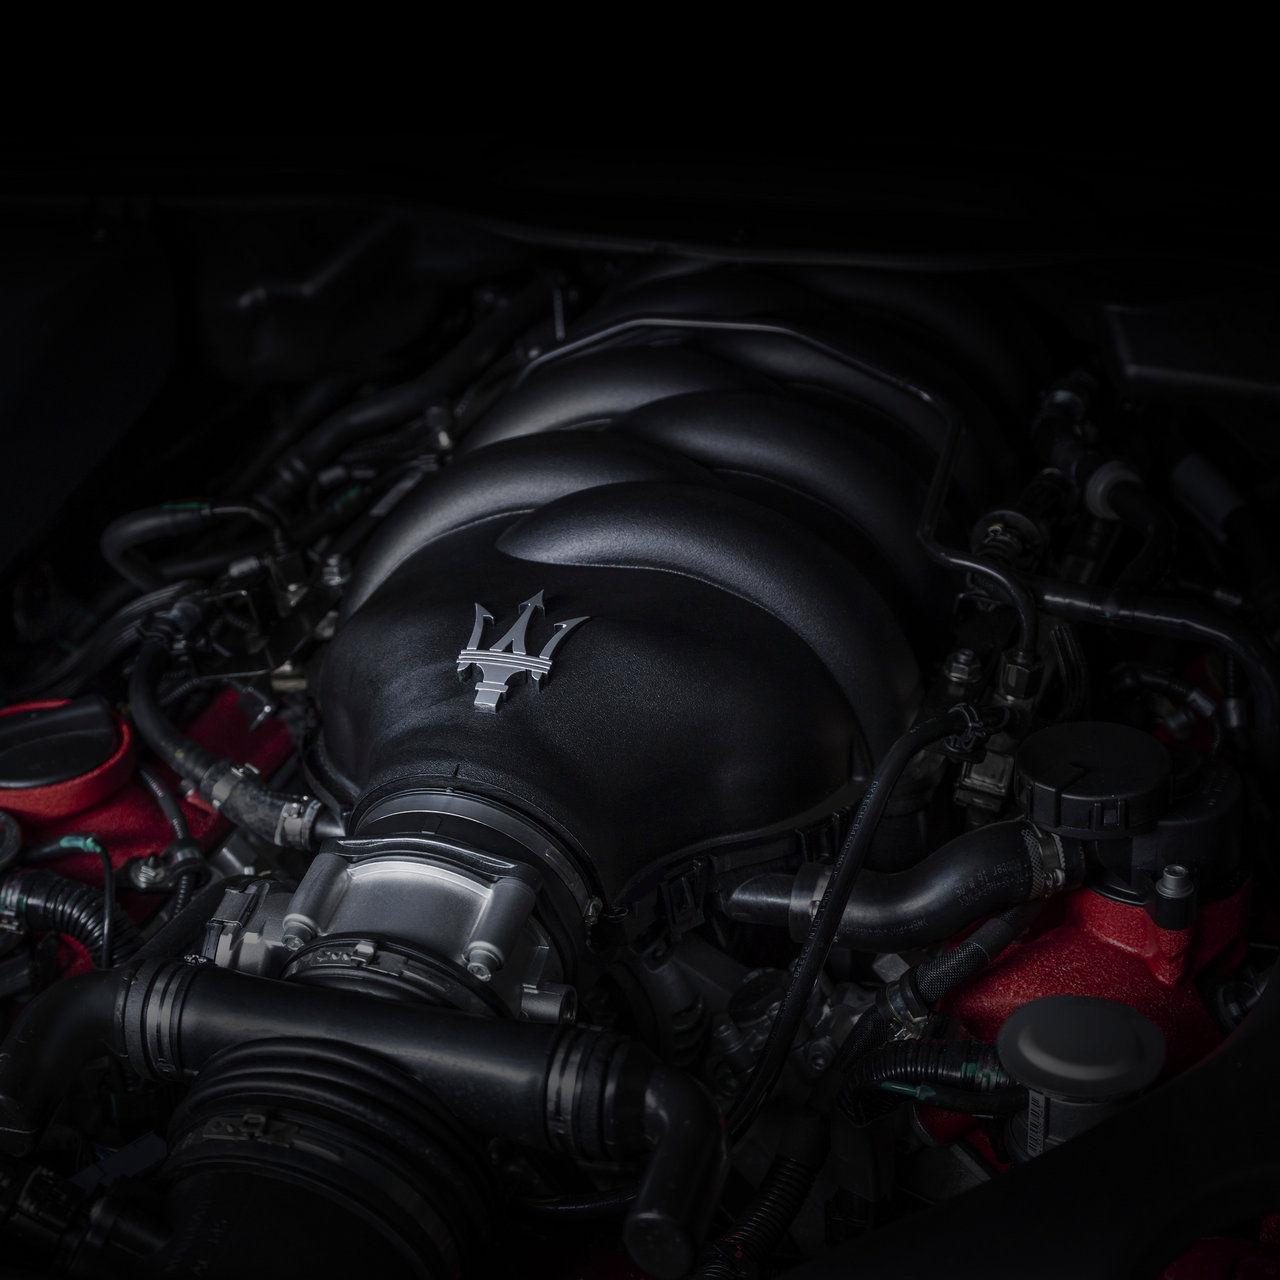 GranTurismo Maserati - V8 engine